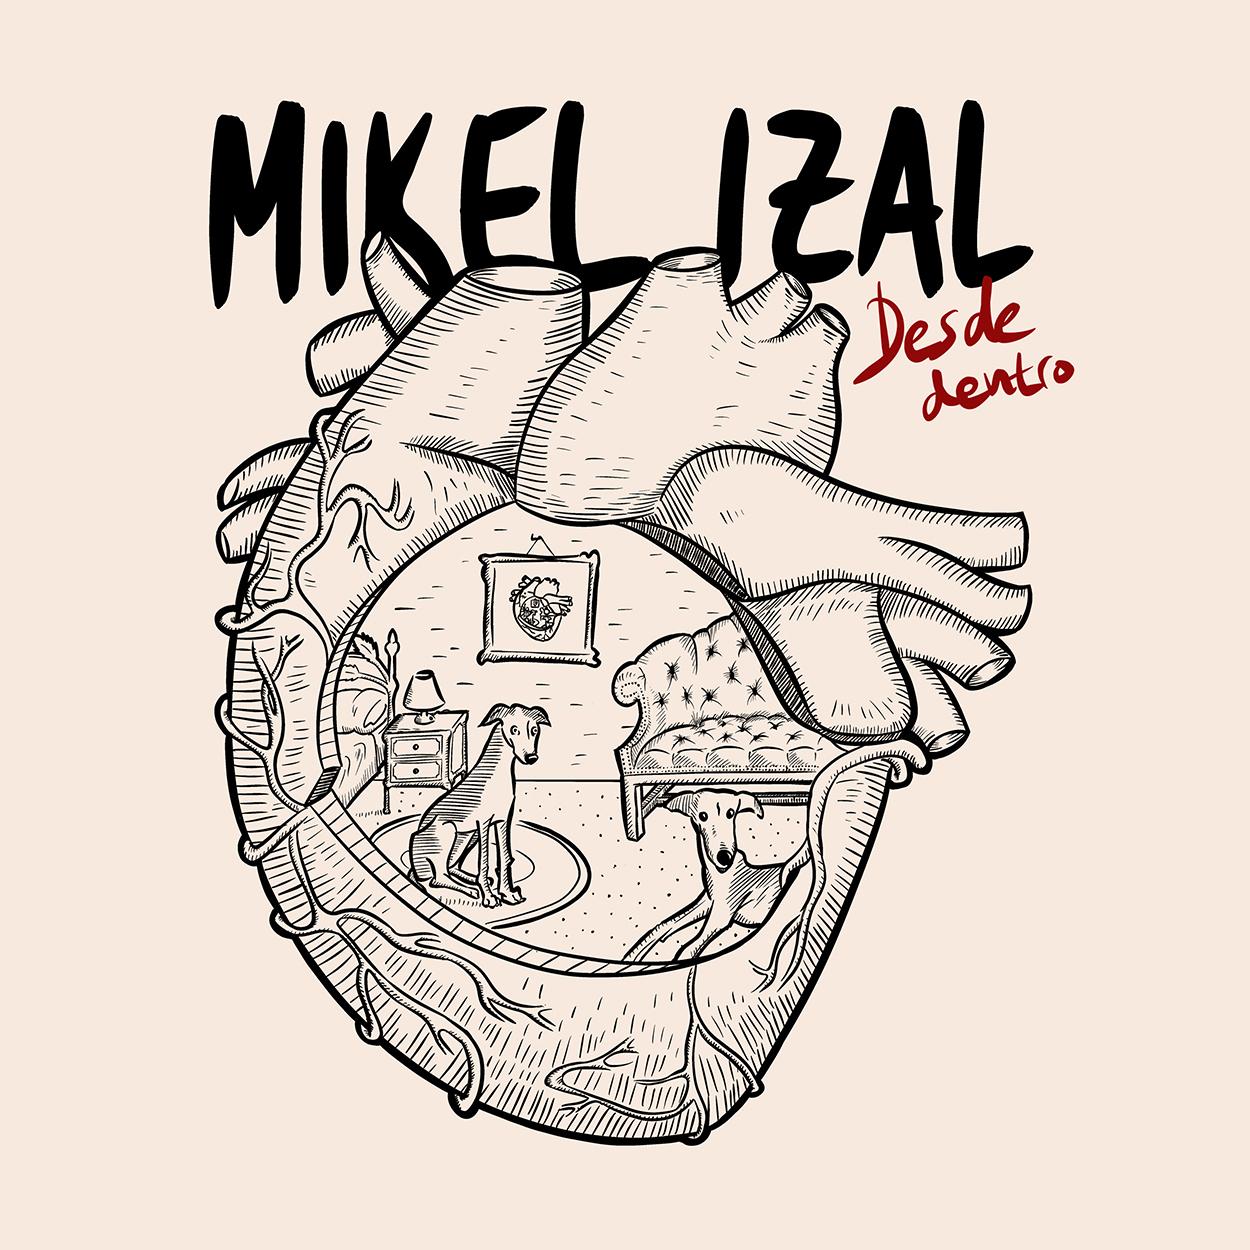 'Desde dentro', de Mikel Izal, recauda más de 19.000 euros para los Bancos de Alimentos